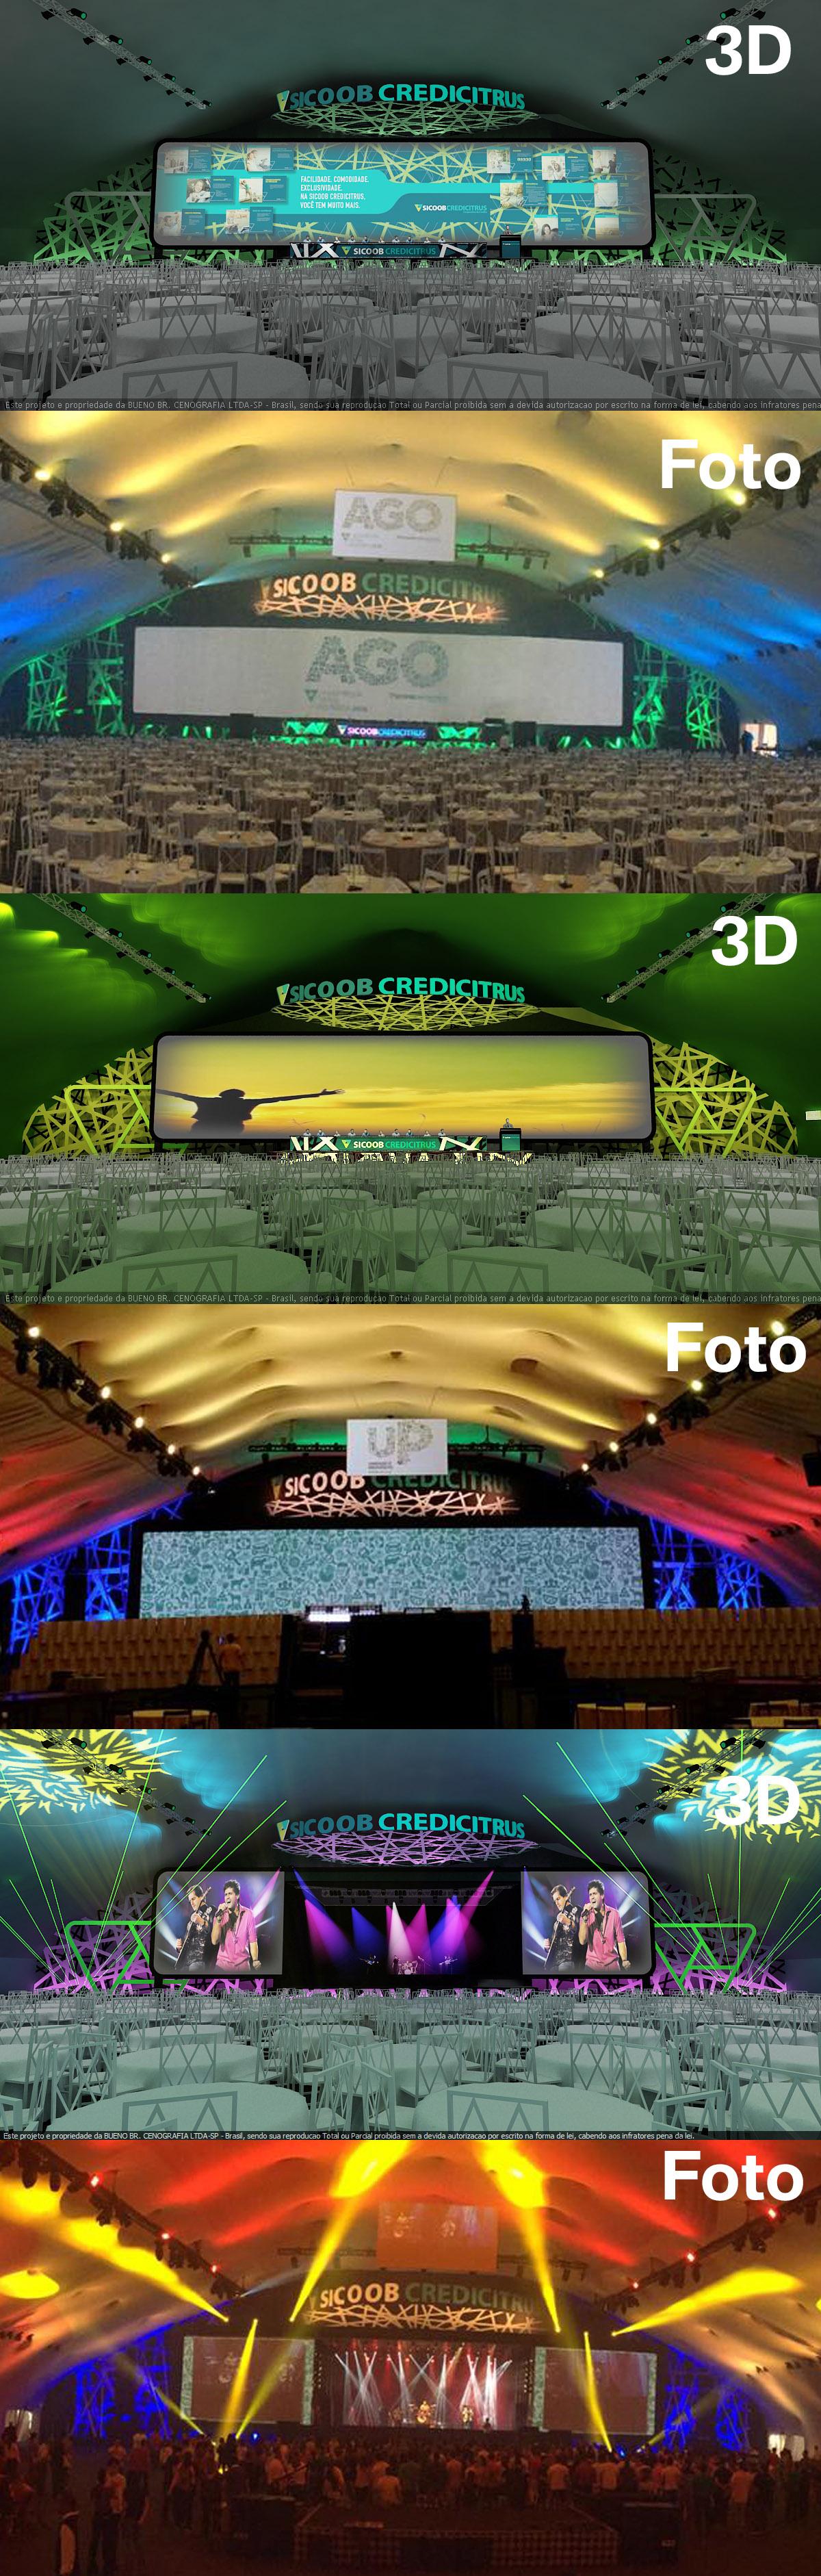 SICOOB CREDICITRUS 2016    Quando o Projeto 3D e o Evento Real acontecendo se confundem...  #buenobrcenografia  #criacao3D